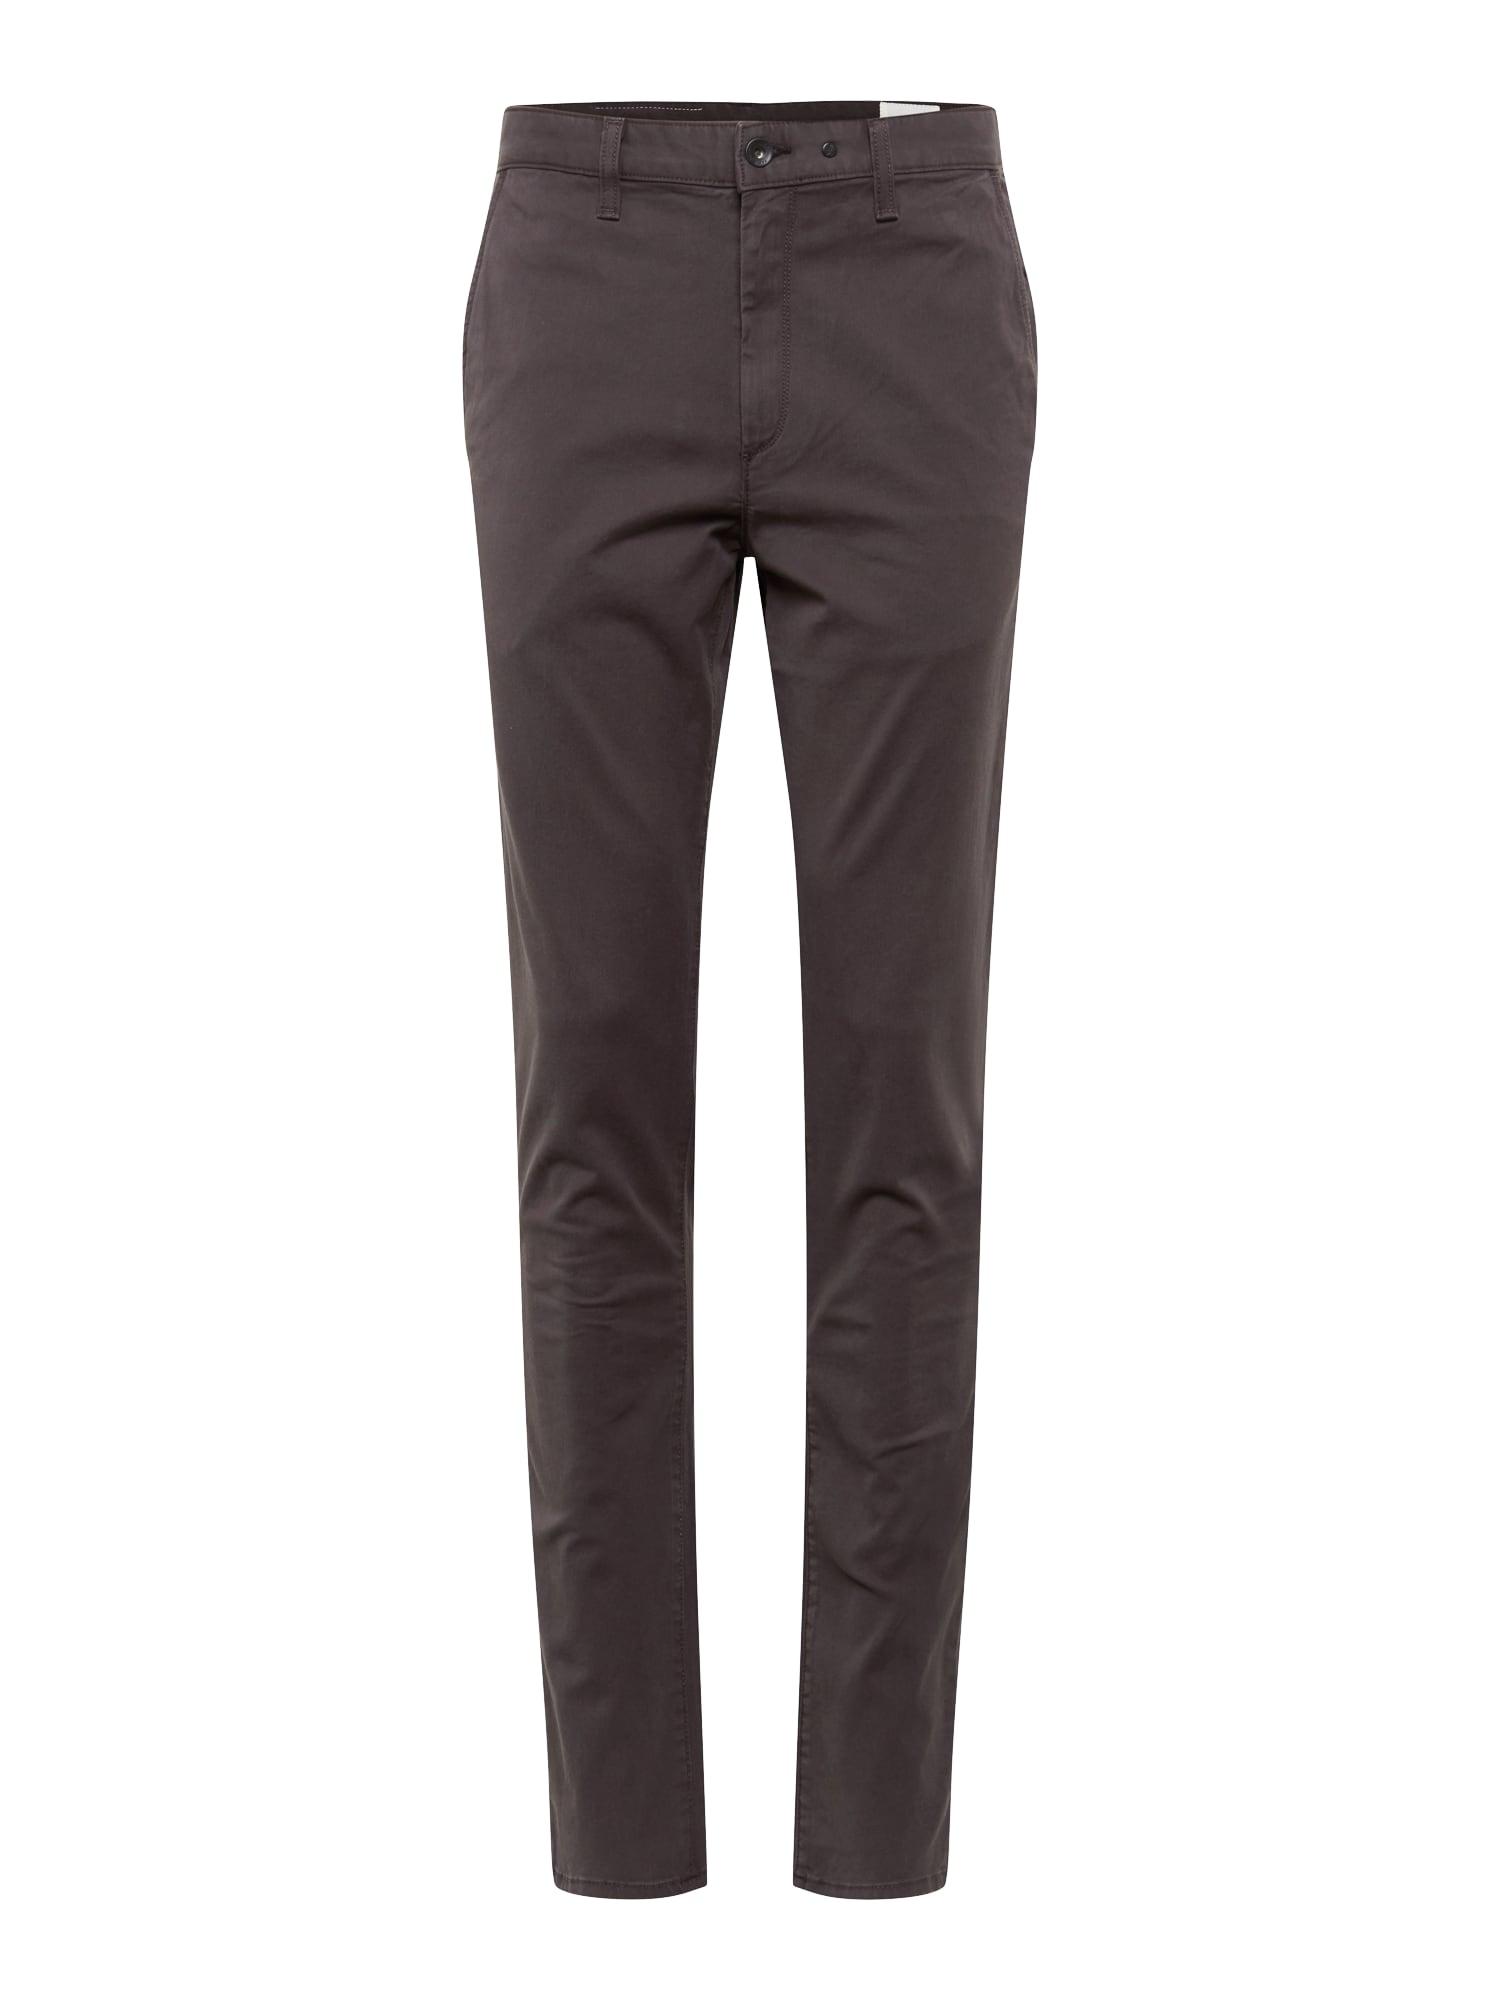 Chino kalhoty Classic Chino šedá Rag & Bone